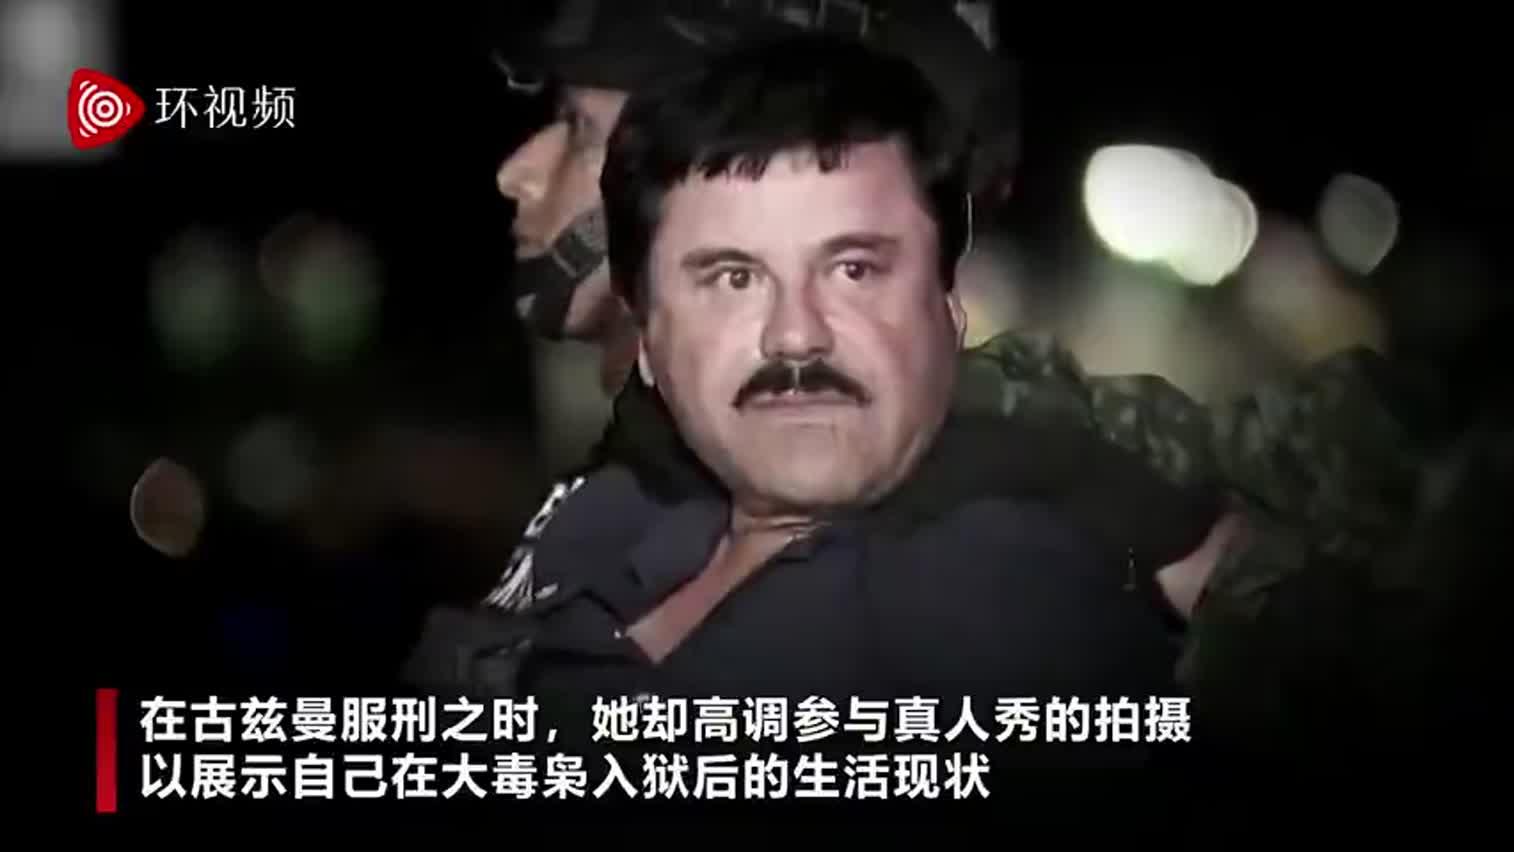 视频:墨西哥毒枭妻子参加美国真人秀 展示自己生活